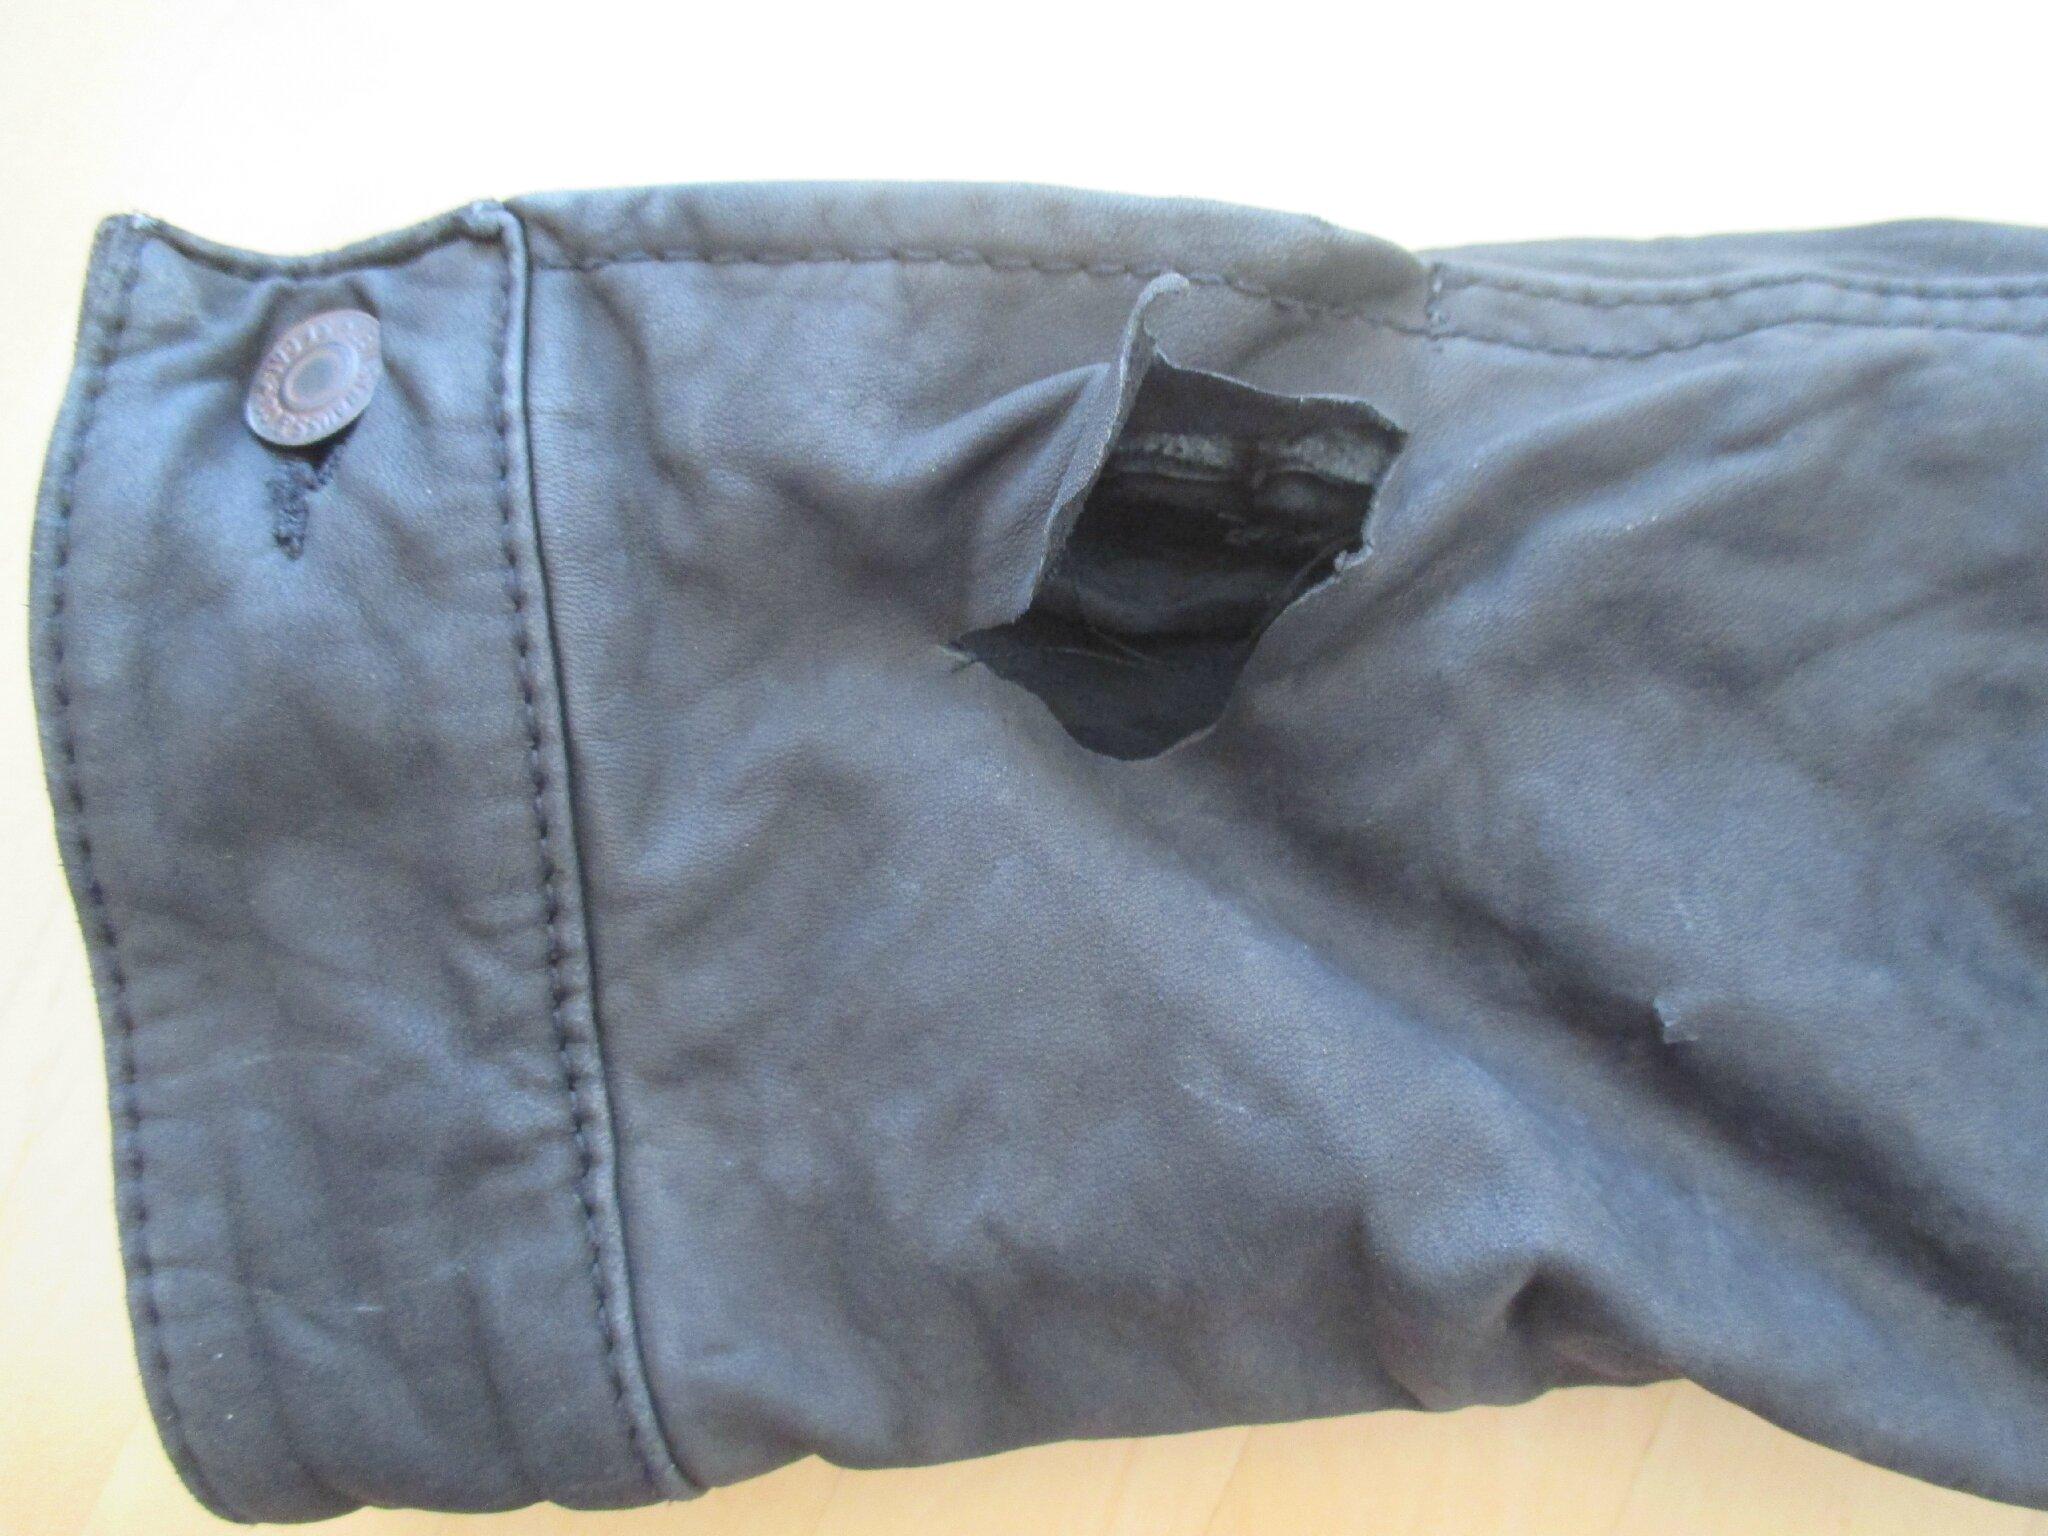 Réparation facile et réussie d'un bel accroc sur du cuir !